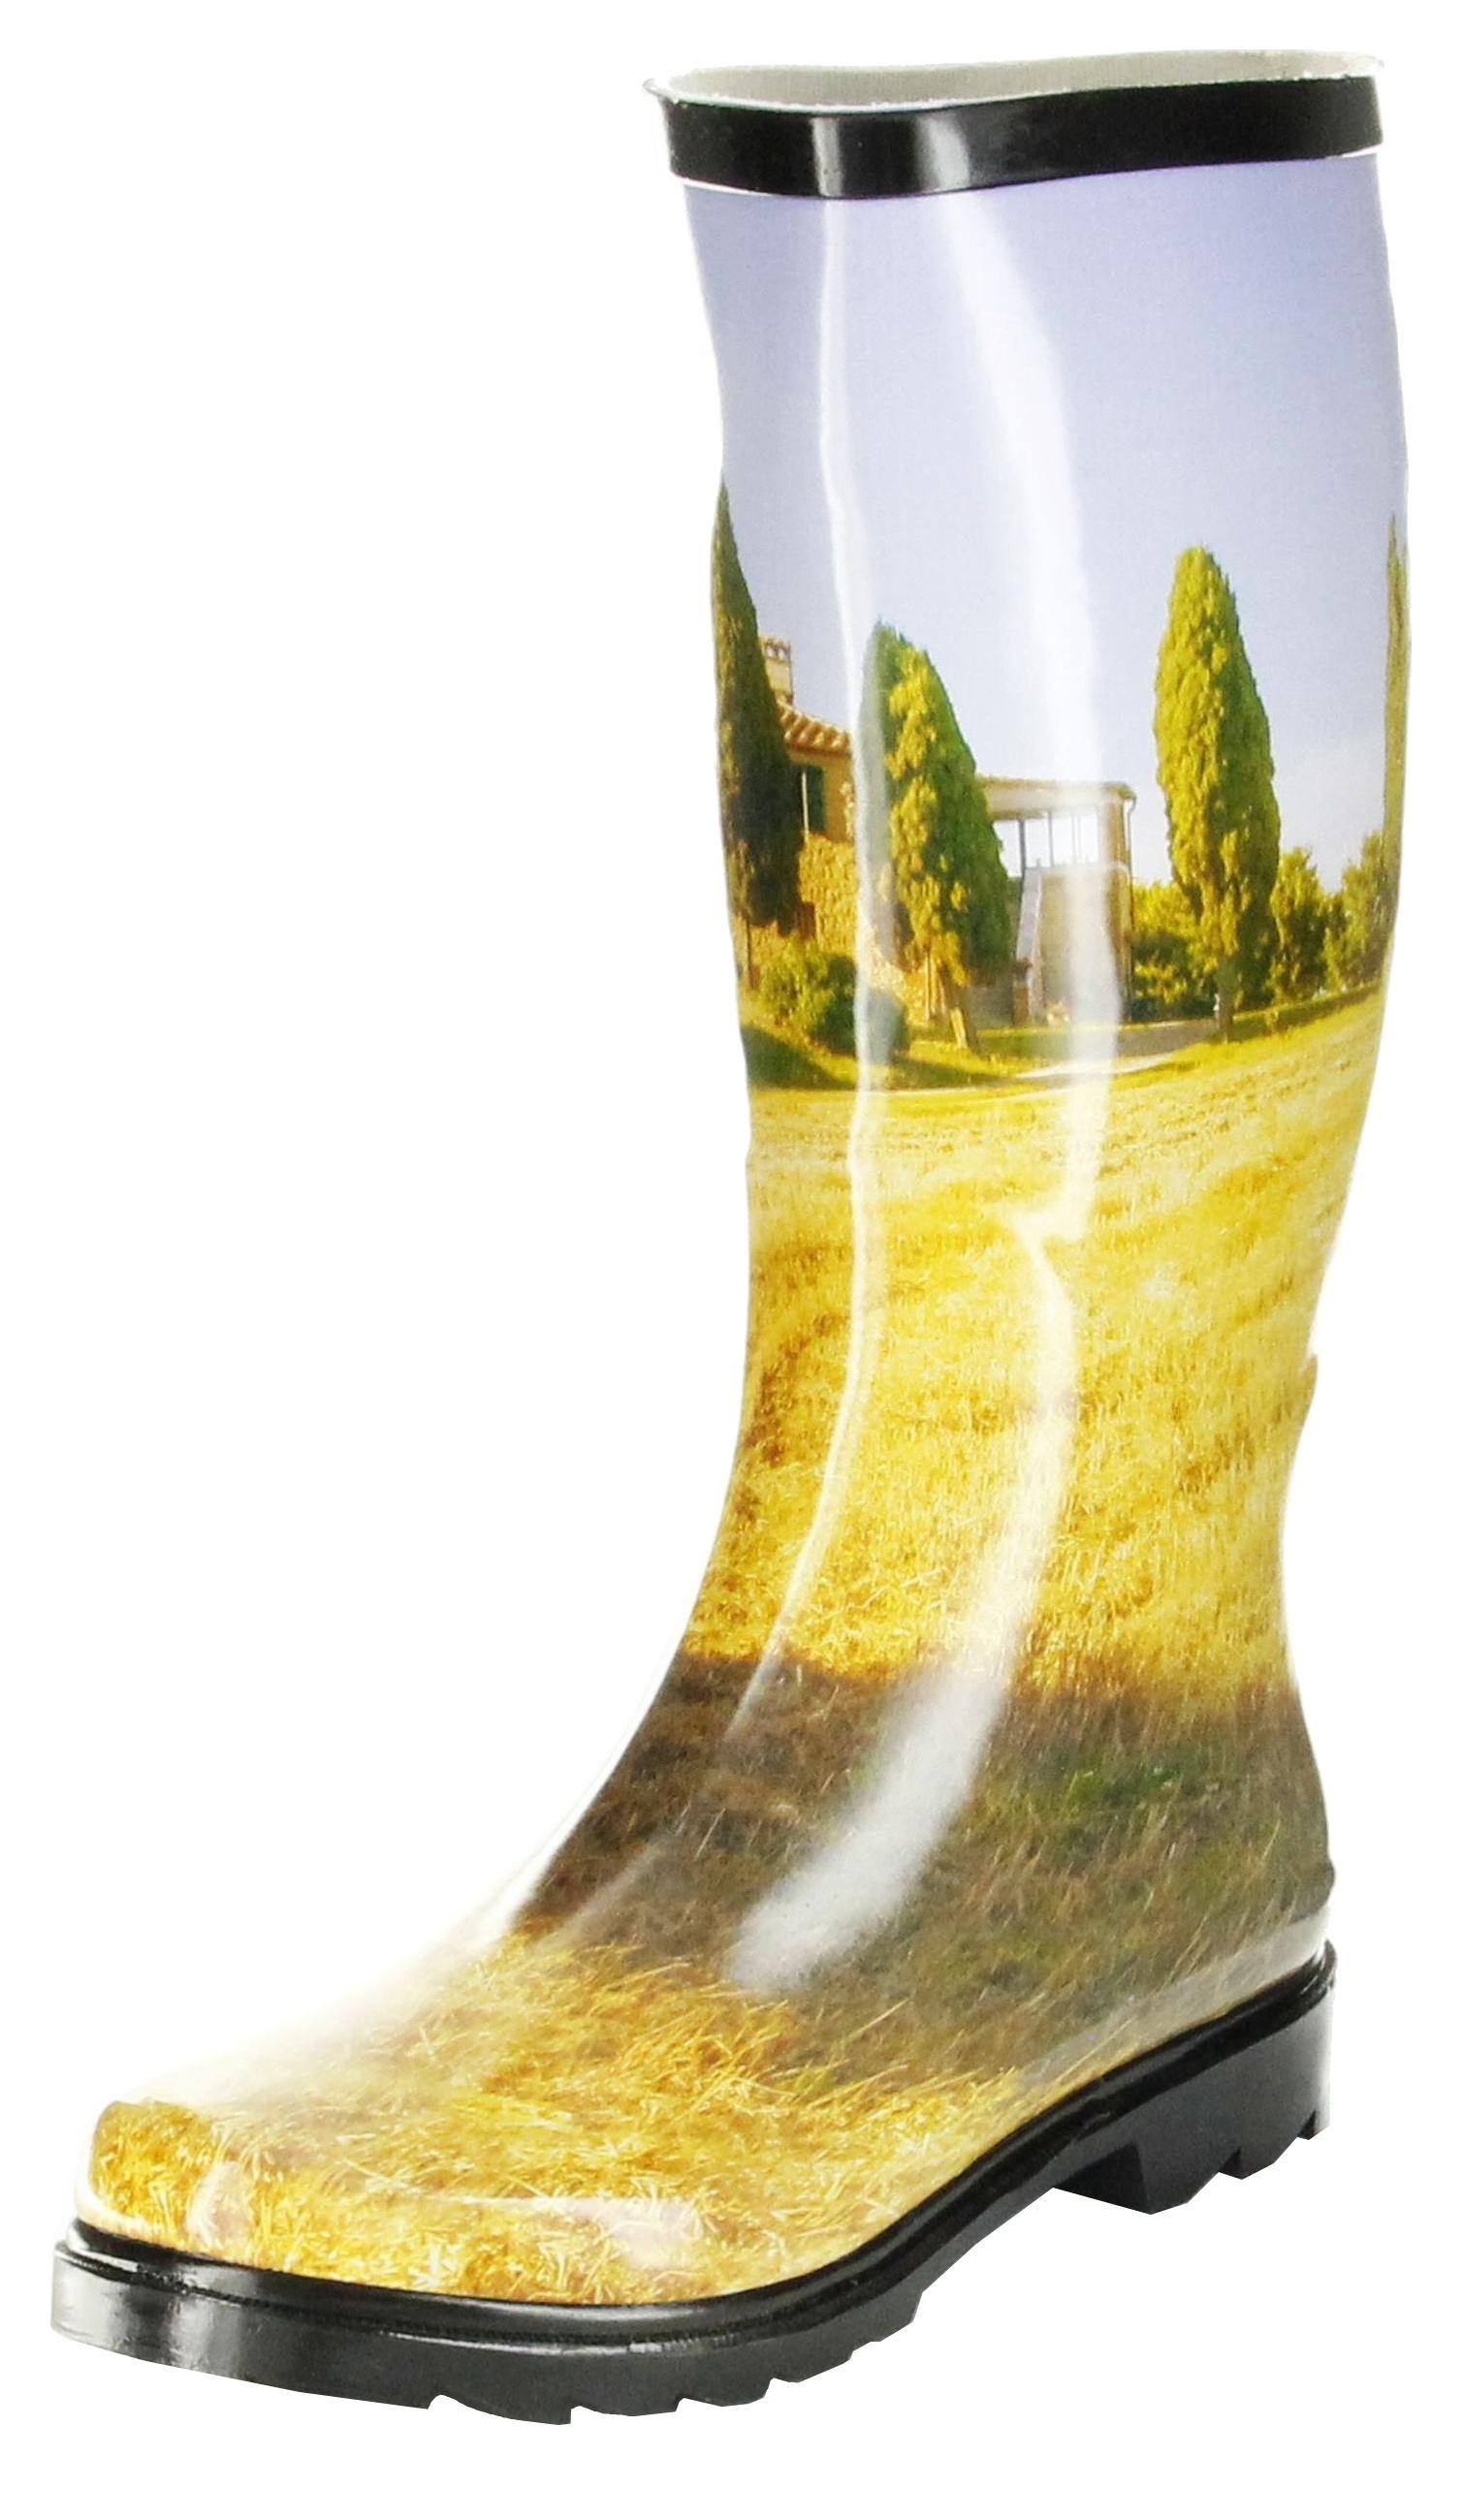 huge discount b4f01 2f7d5 Conway Gummistiefel gelb Regenstiefel Damen Stiefel Schuhe Toskana